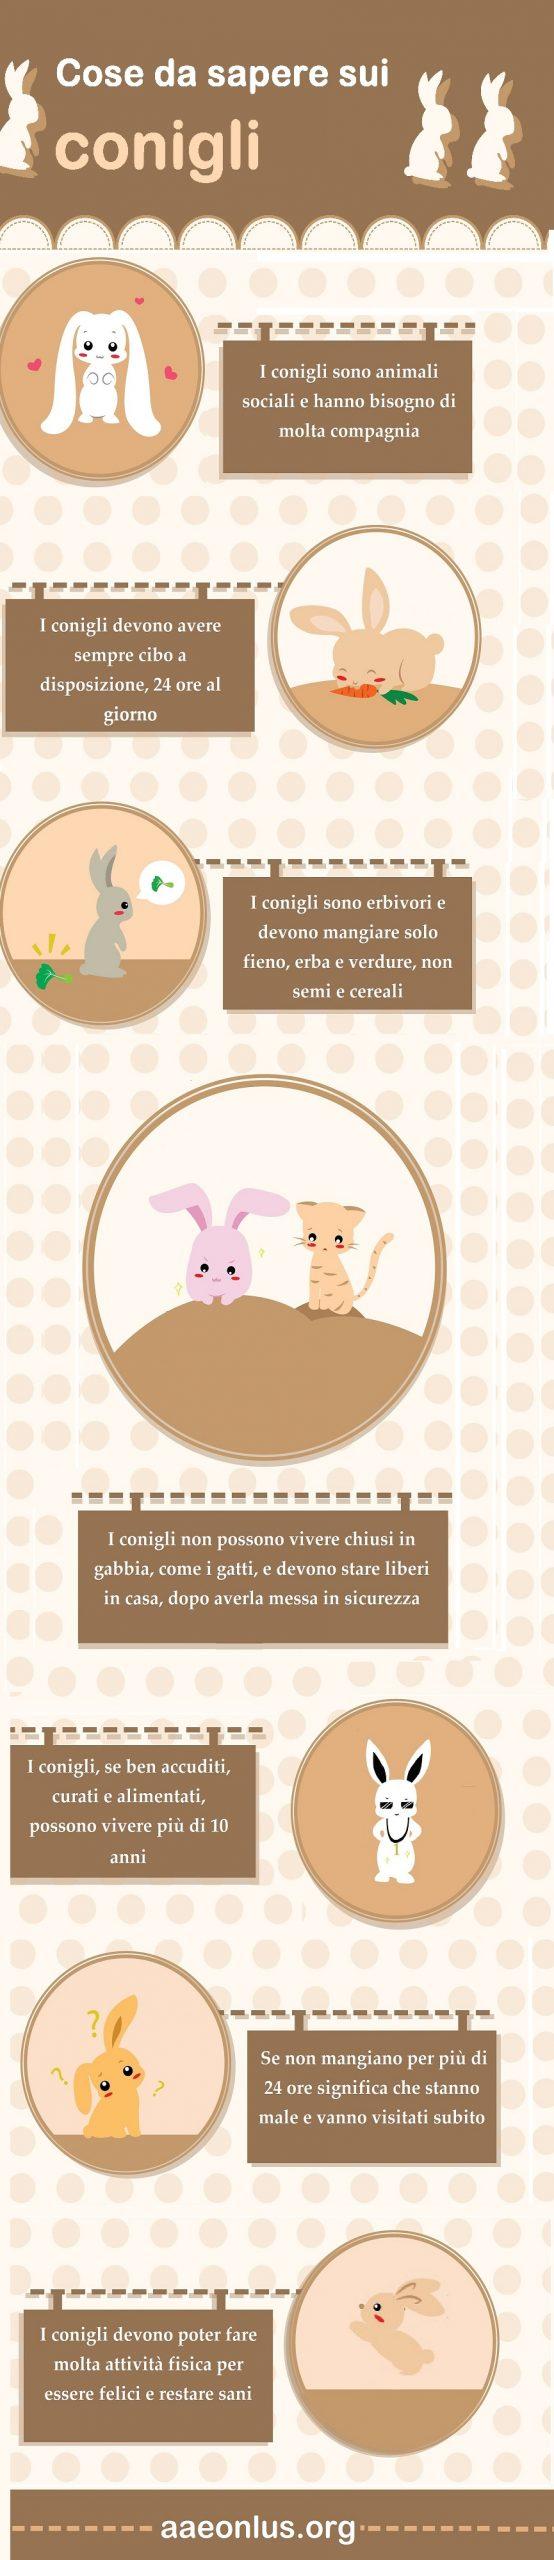 cose da sapere sui conigli